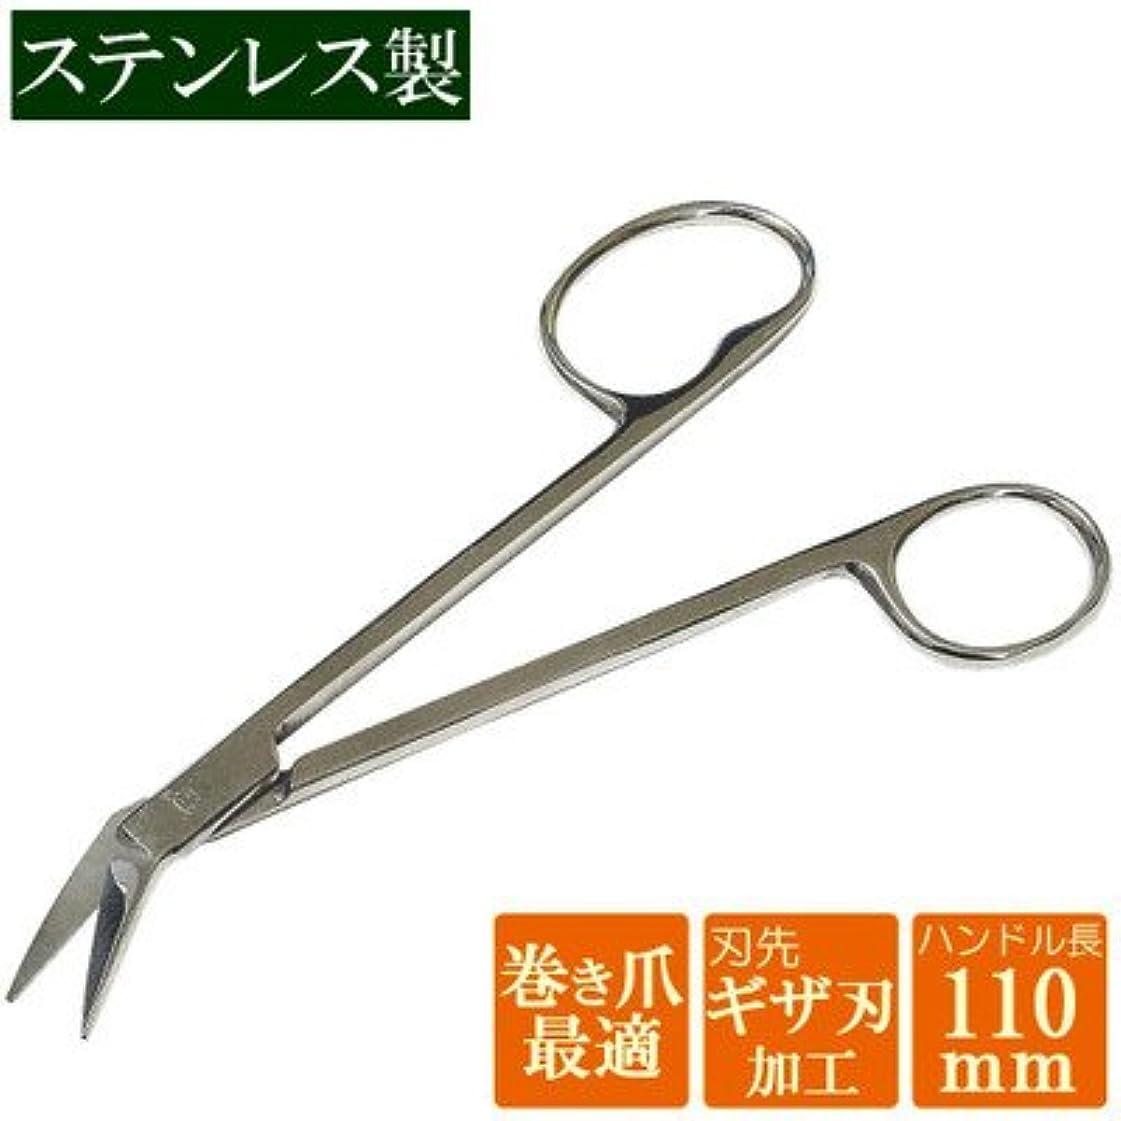 ブラウスベンチャー男88021 ロング足用爪切りハサミ 自由なラインで切れる足用爪切りハサミ